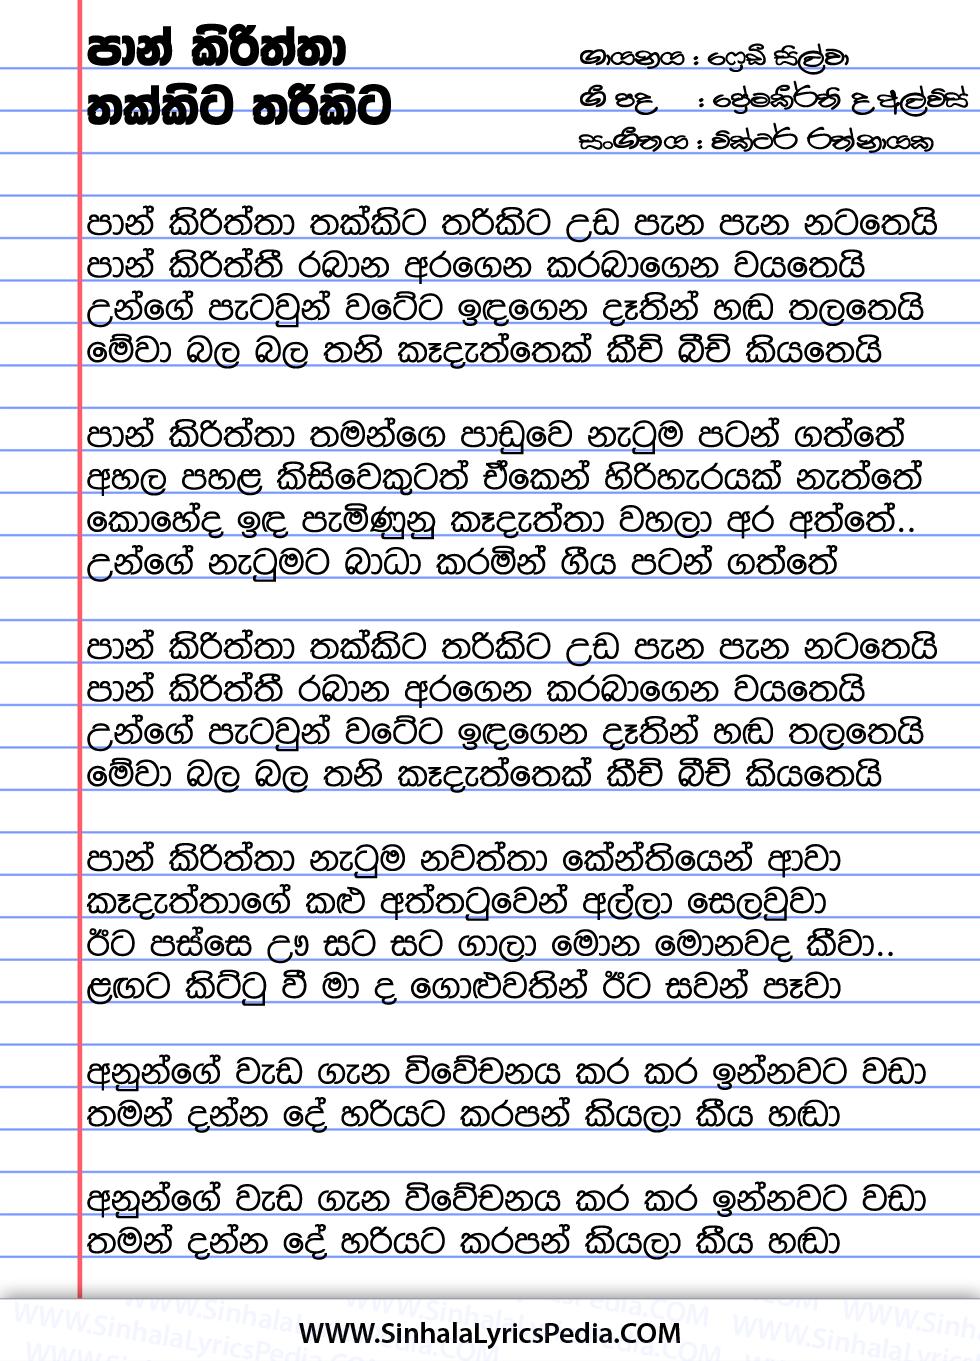 Pankiriththa Thakkita Tharikita Song Lyrics